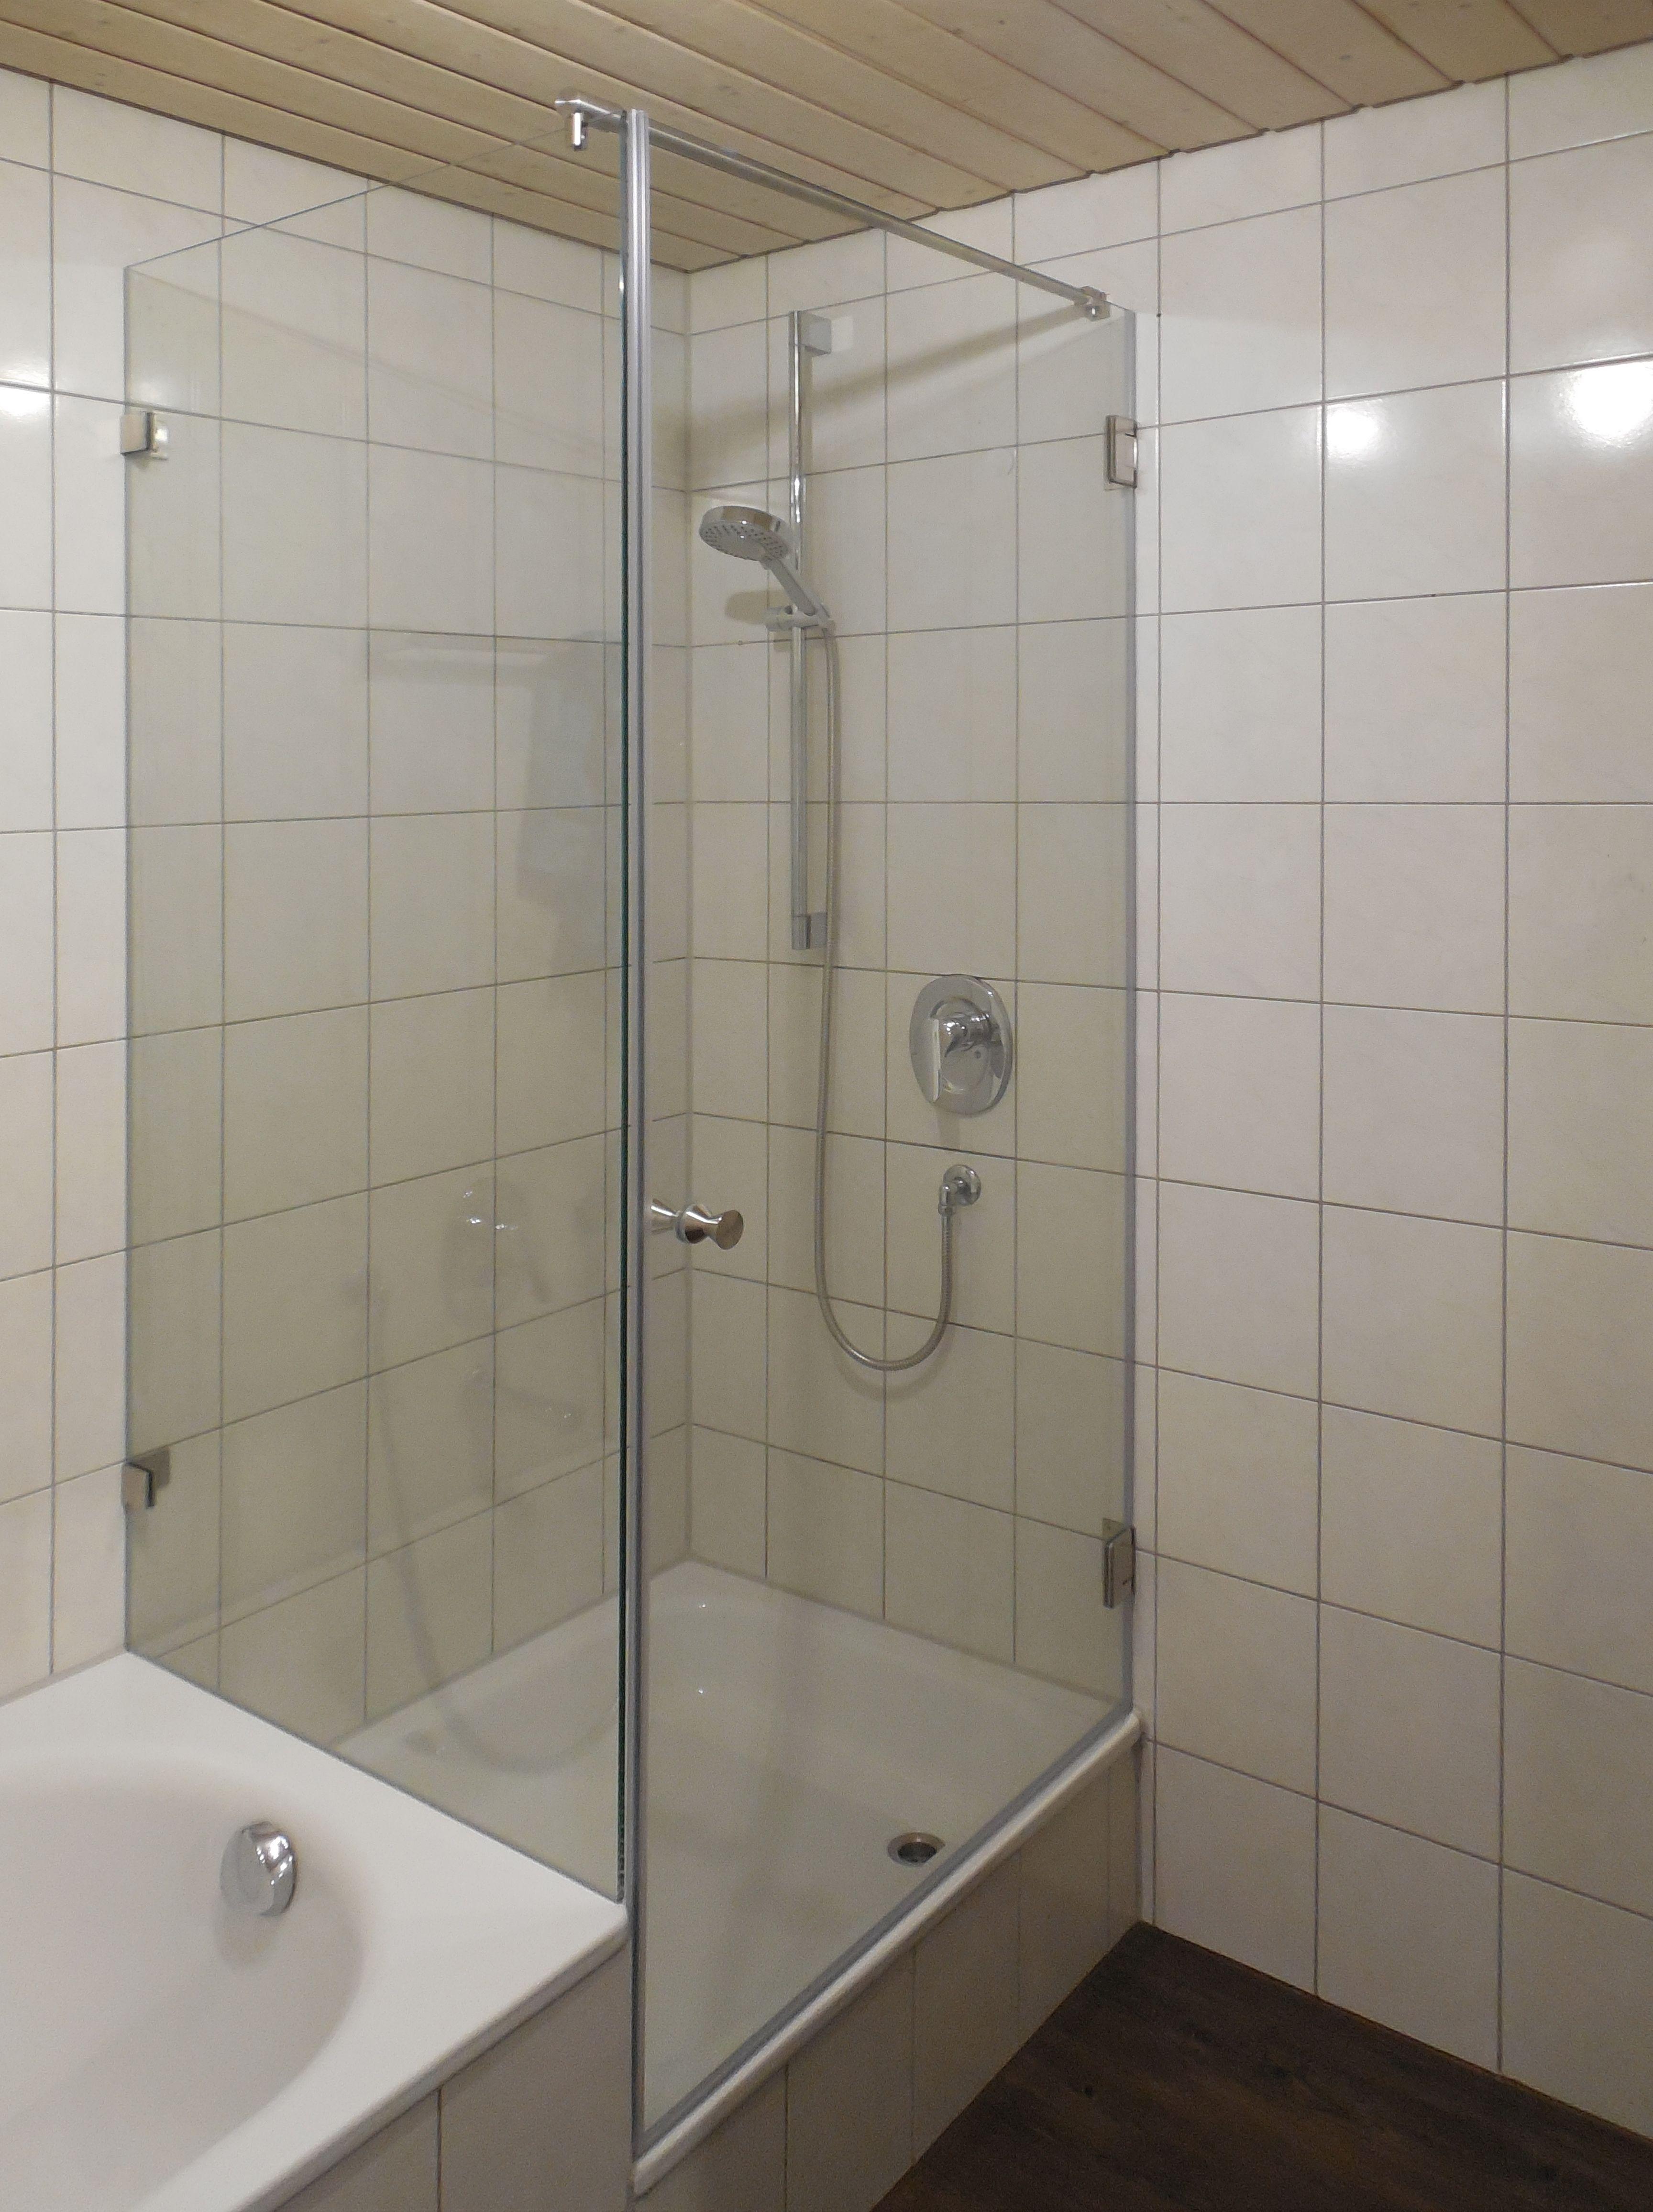 Grosse Glasdusche An Badewanne Dusche Renovieren Badewanne Glasduschen